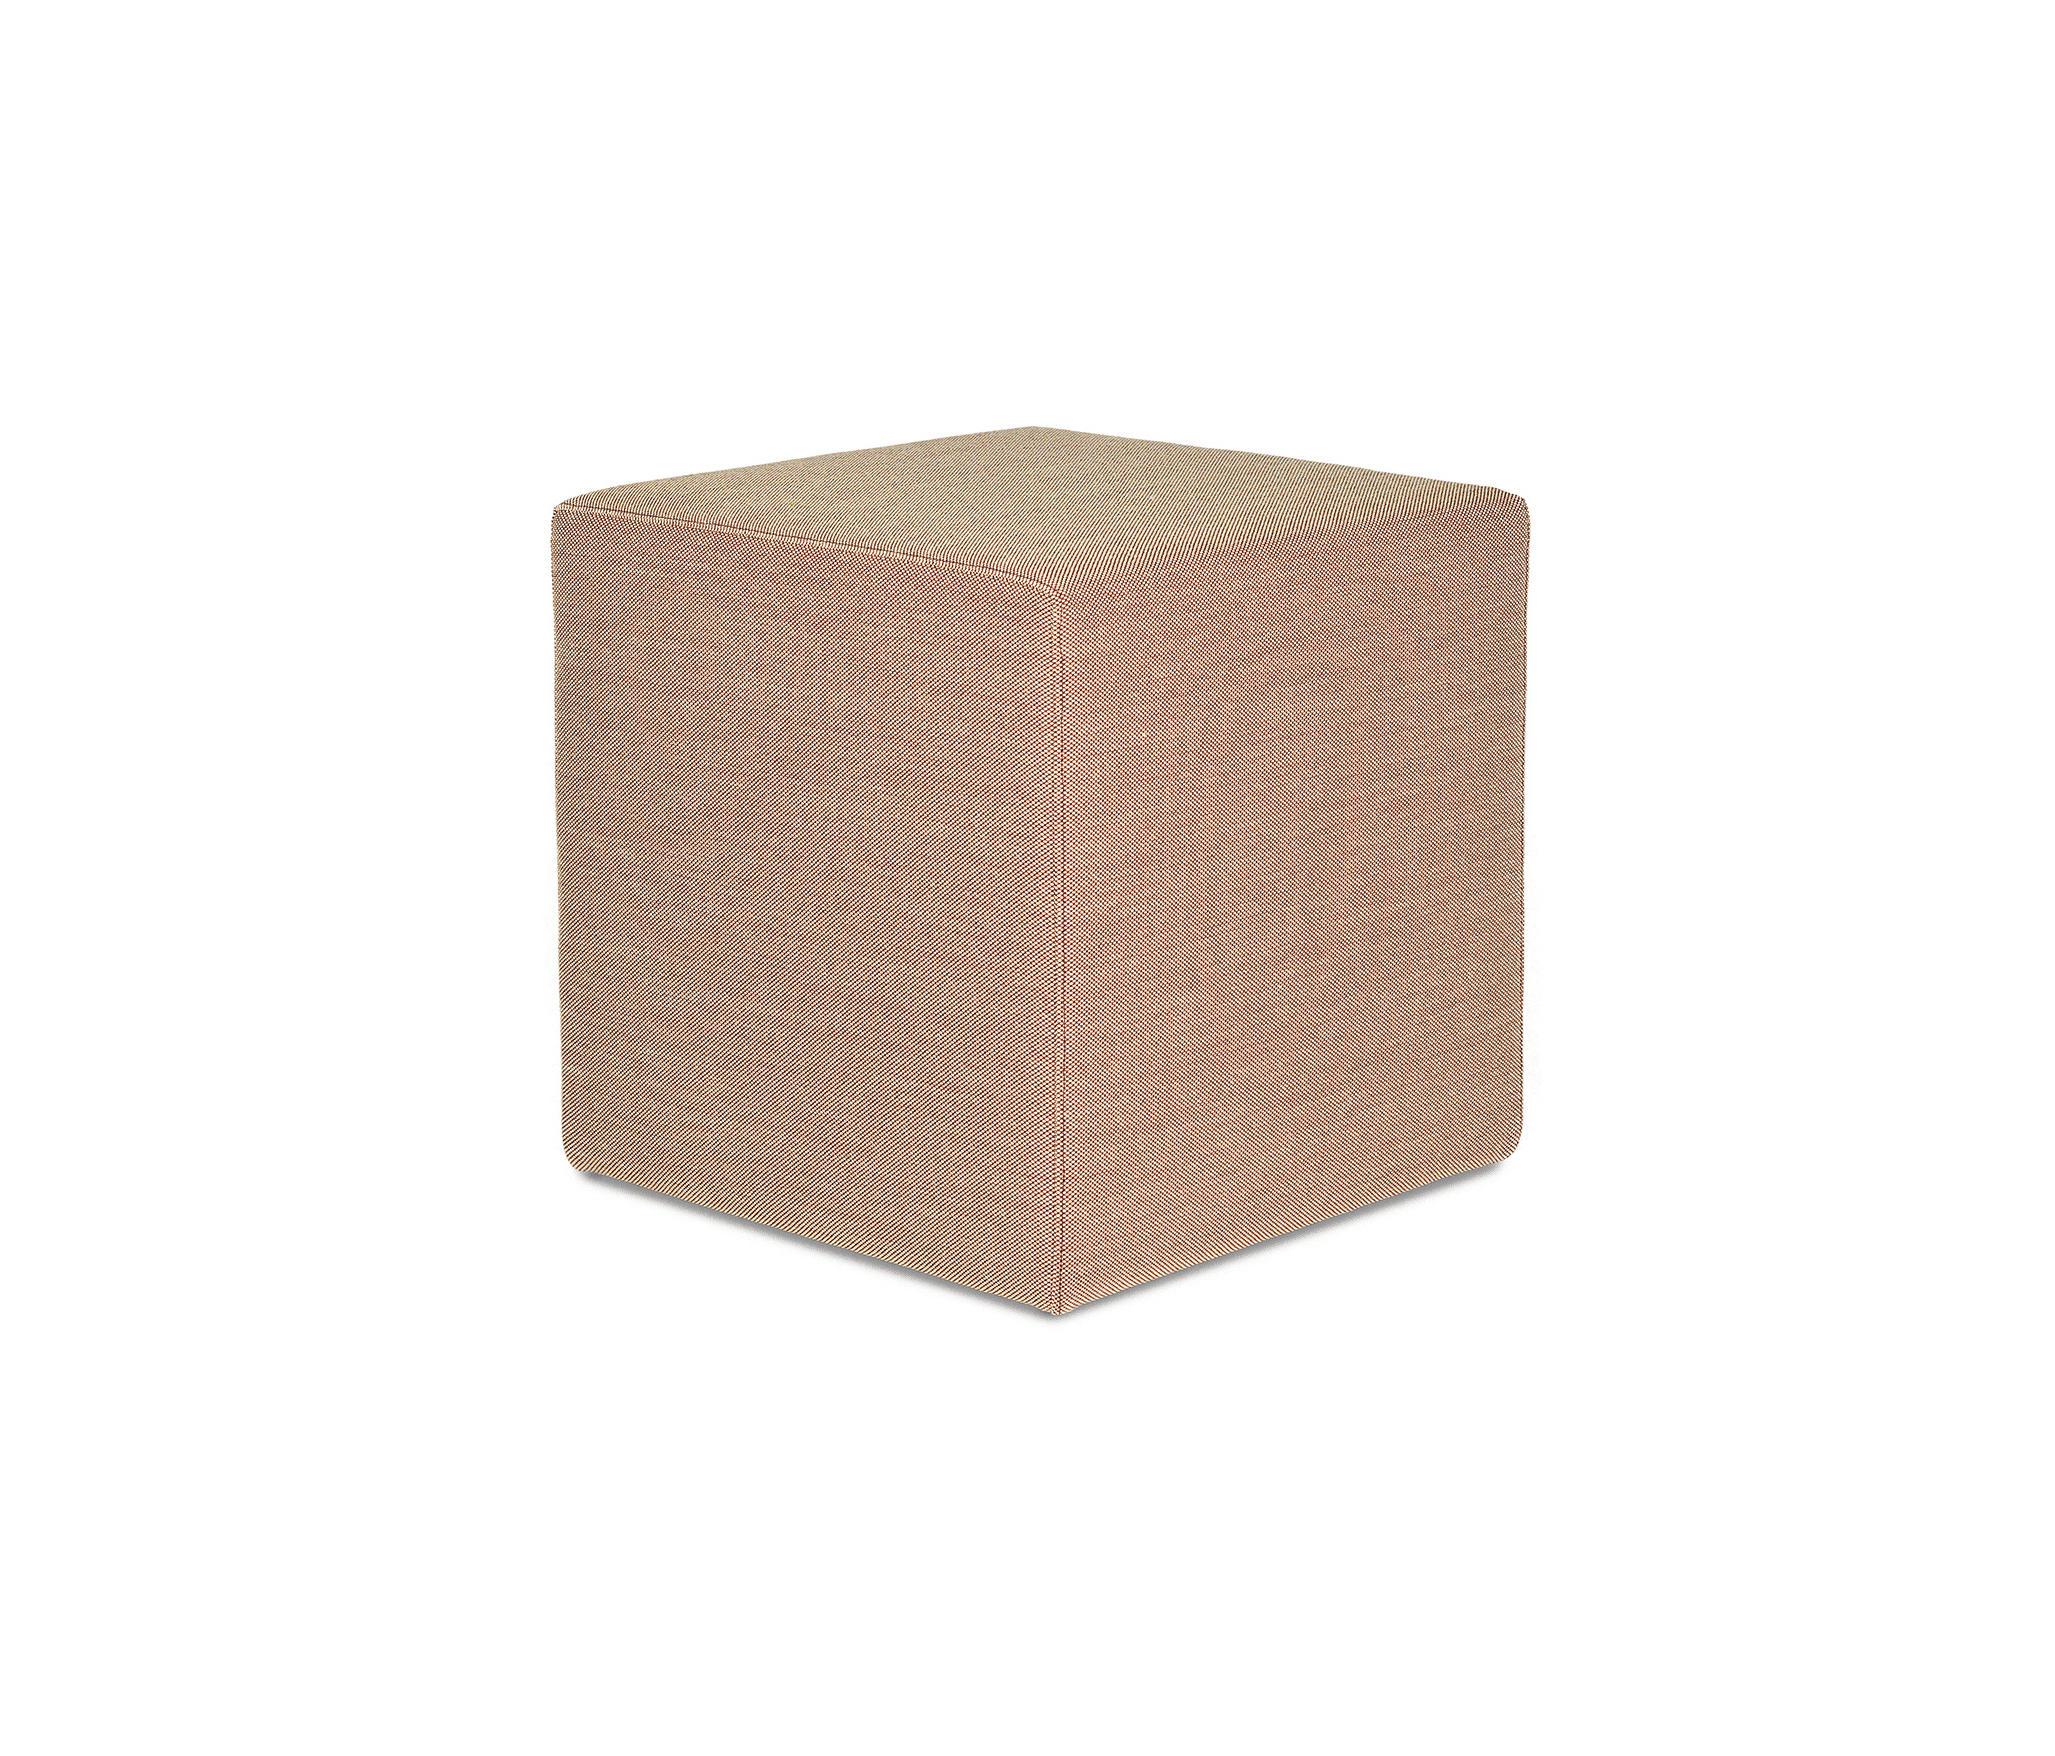 pouf-stan-pouf-rood-geblokt-schuin-141023-b Luxe De Ikea Table Ronde Conception